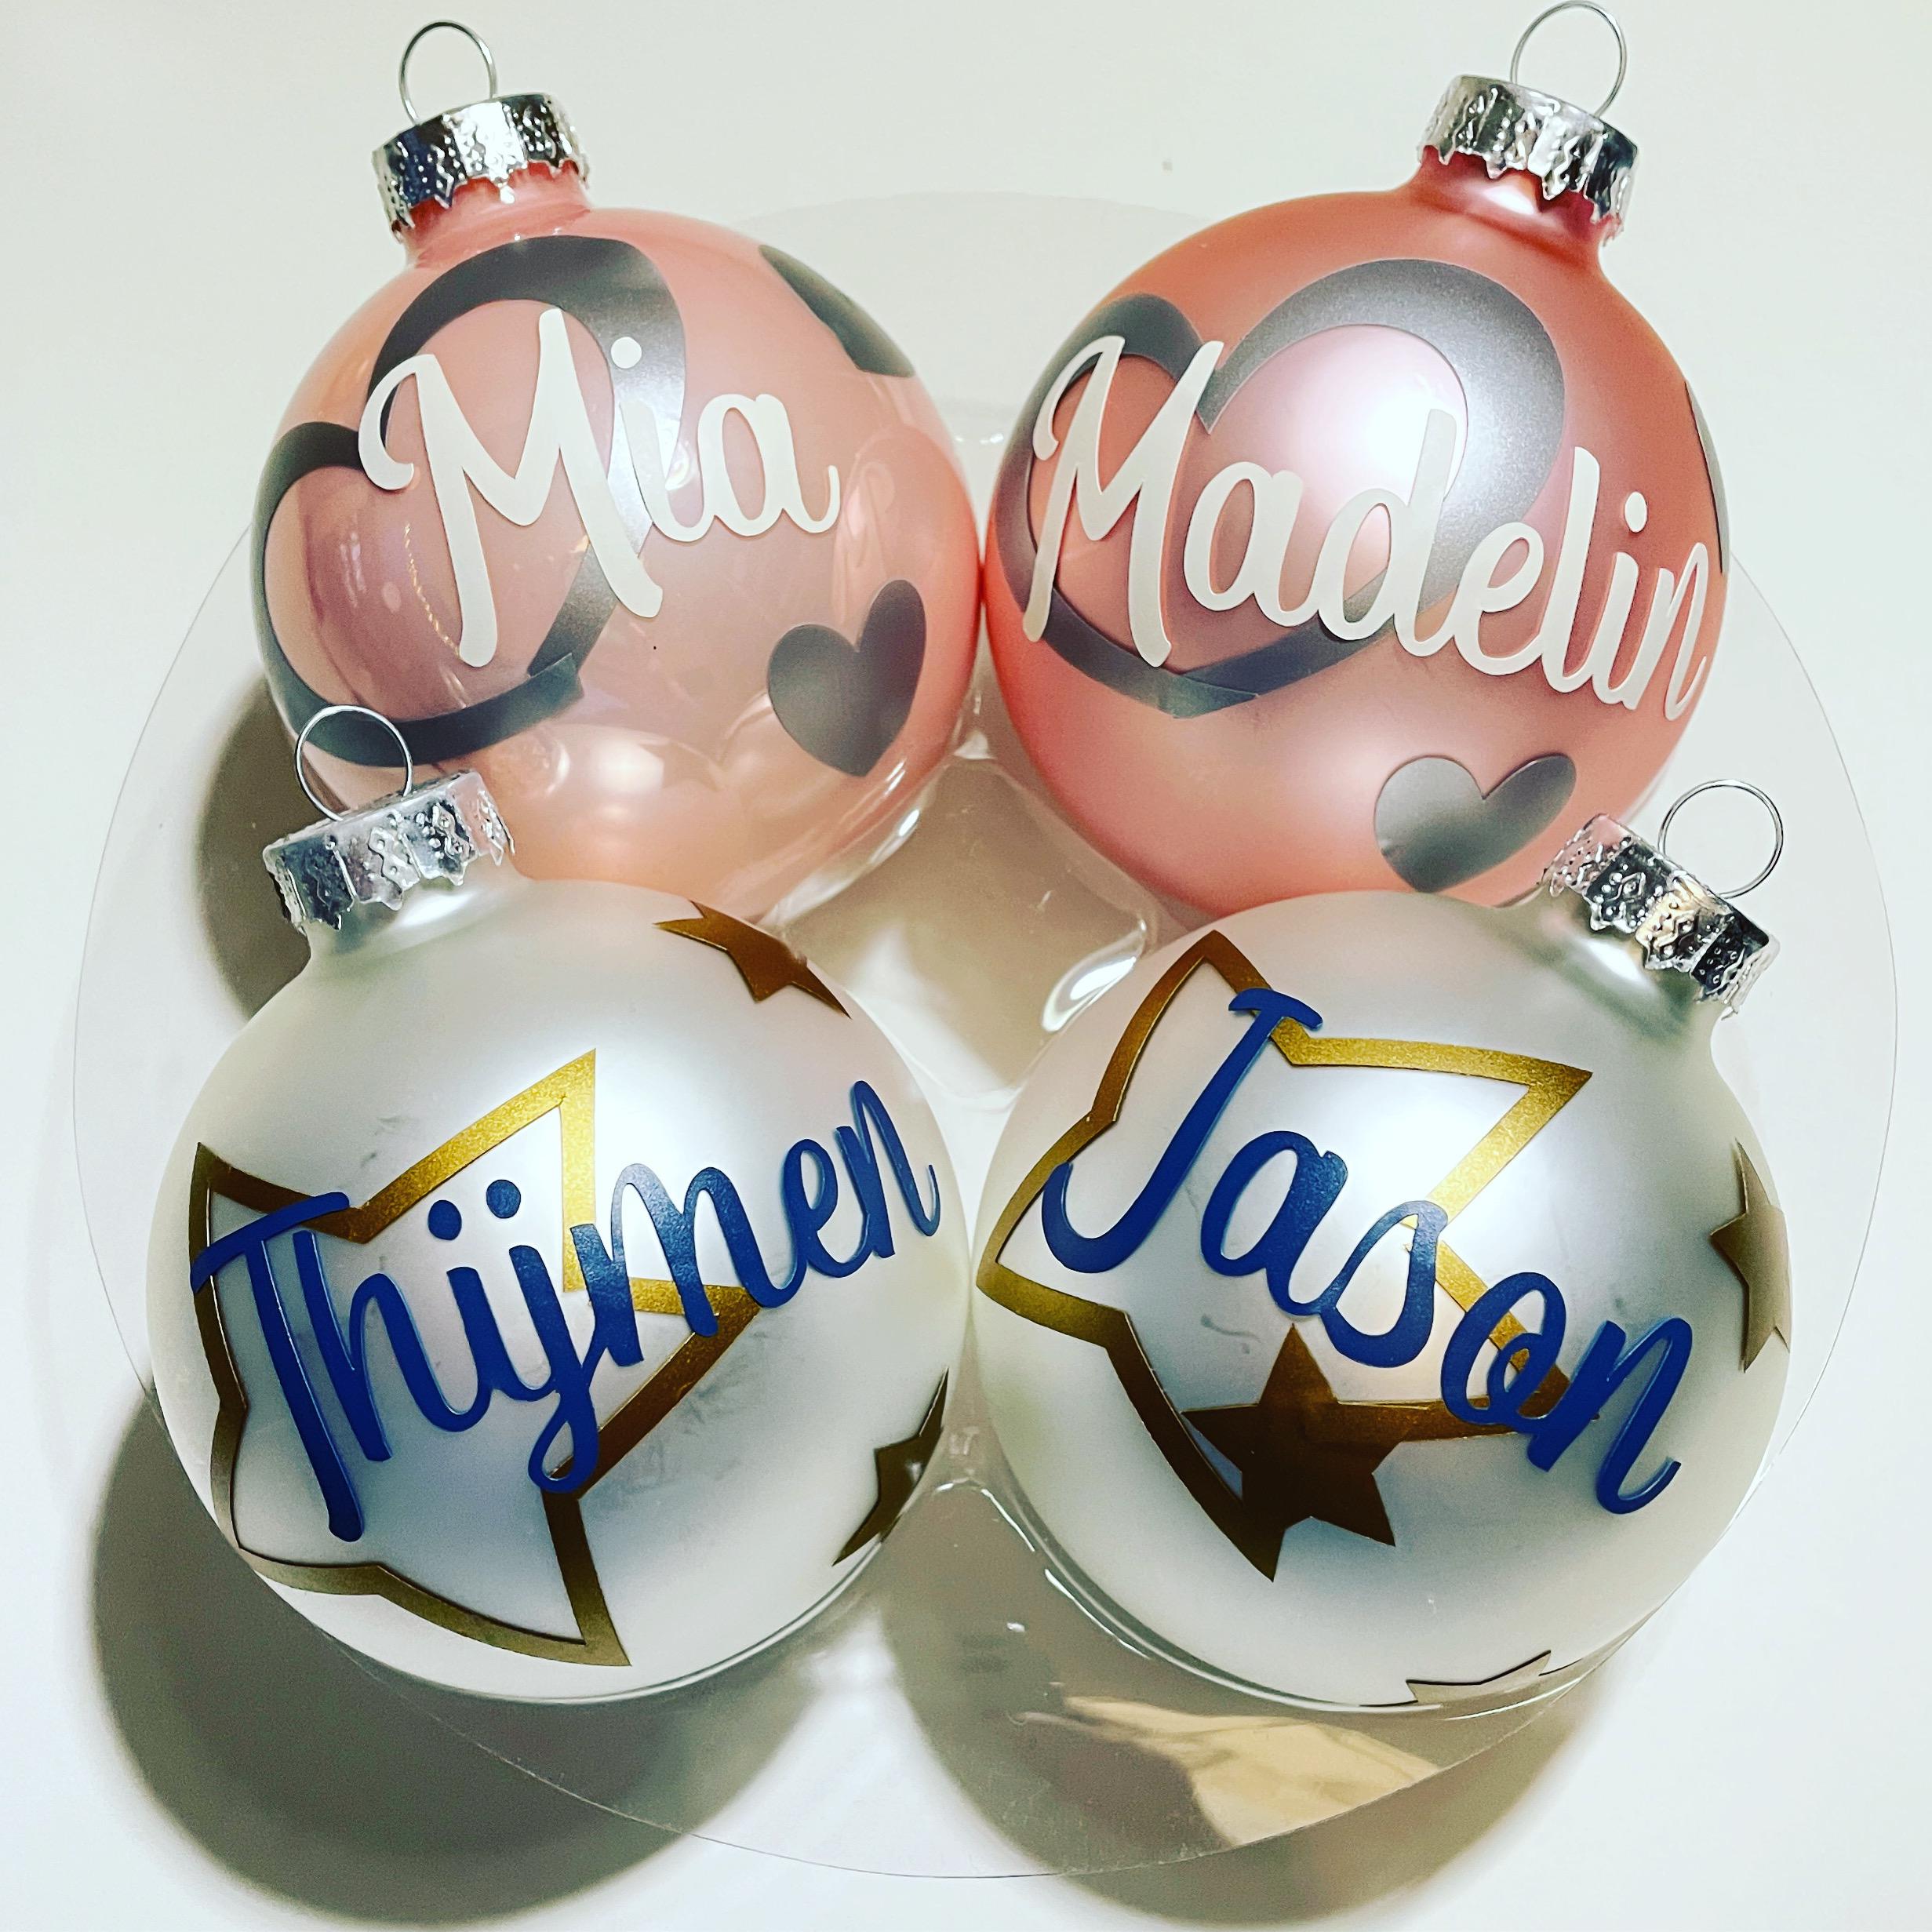 Gekleurde gepersonaliseerde kerstballen met namen er op